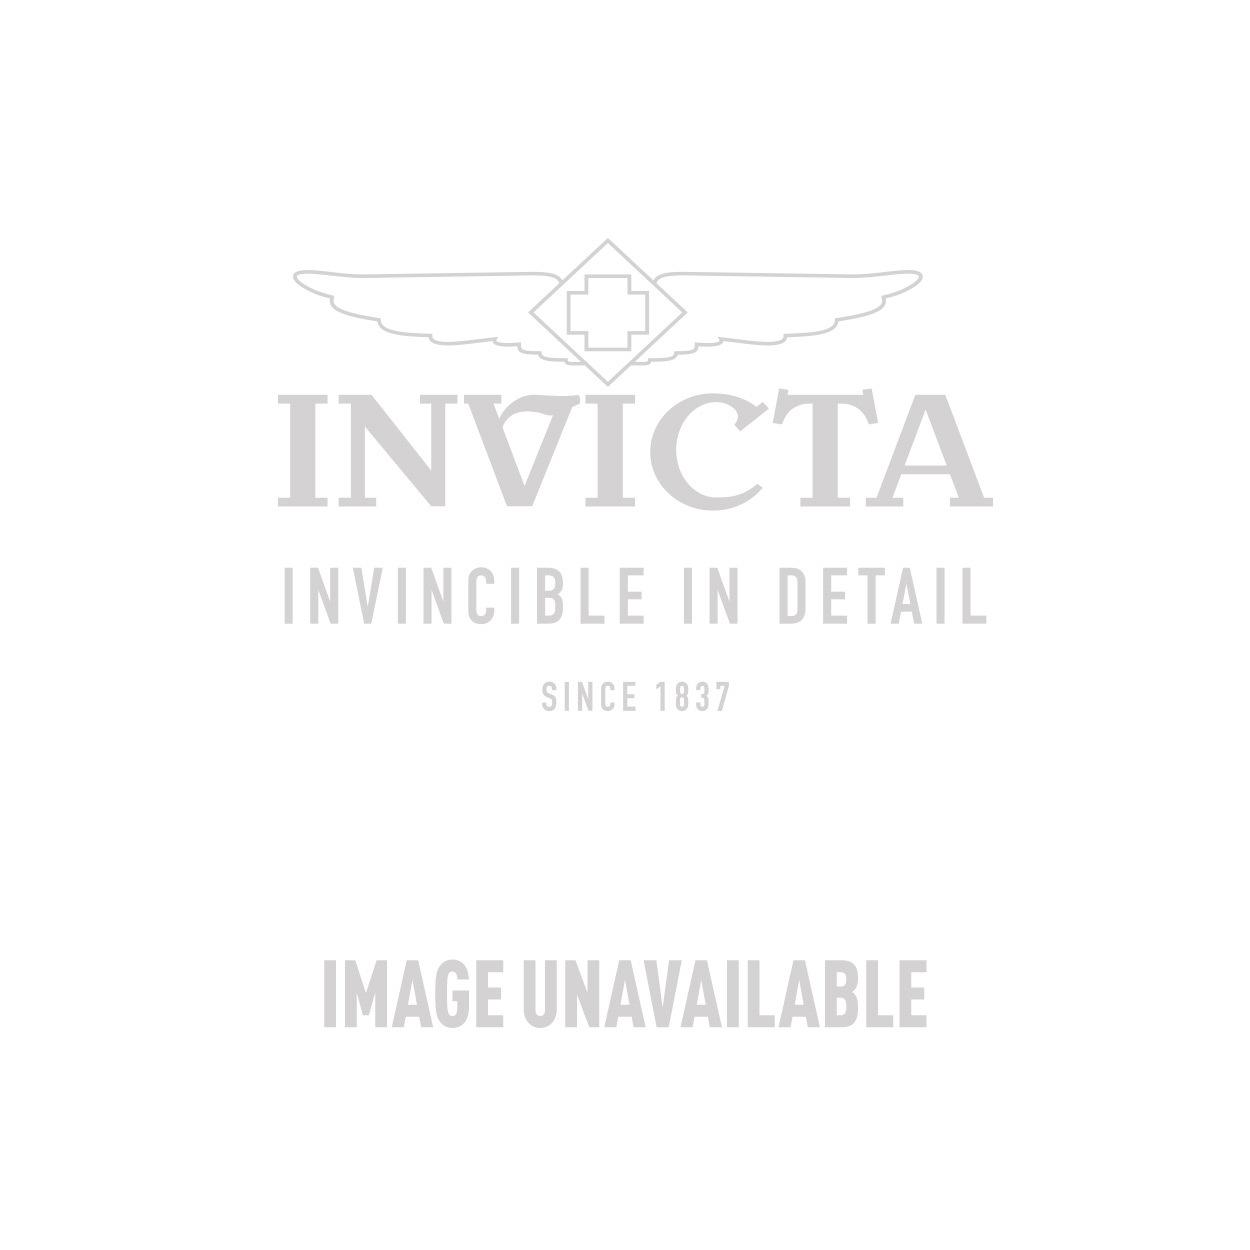 Invicta Model 27718